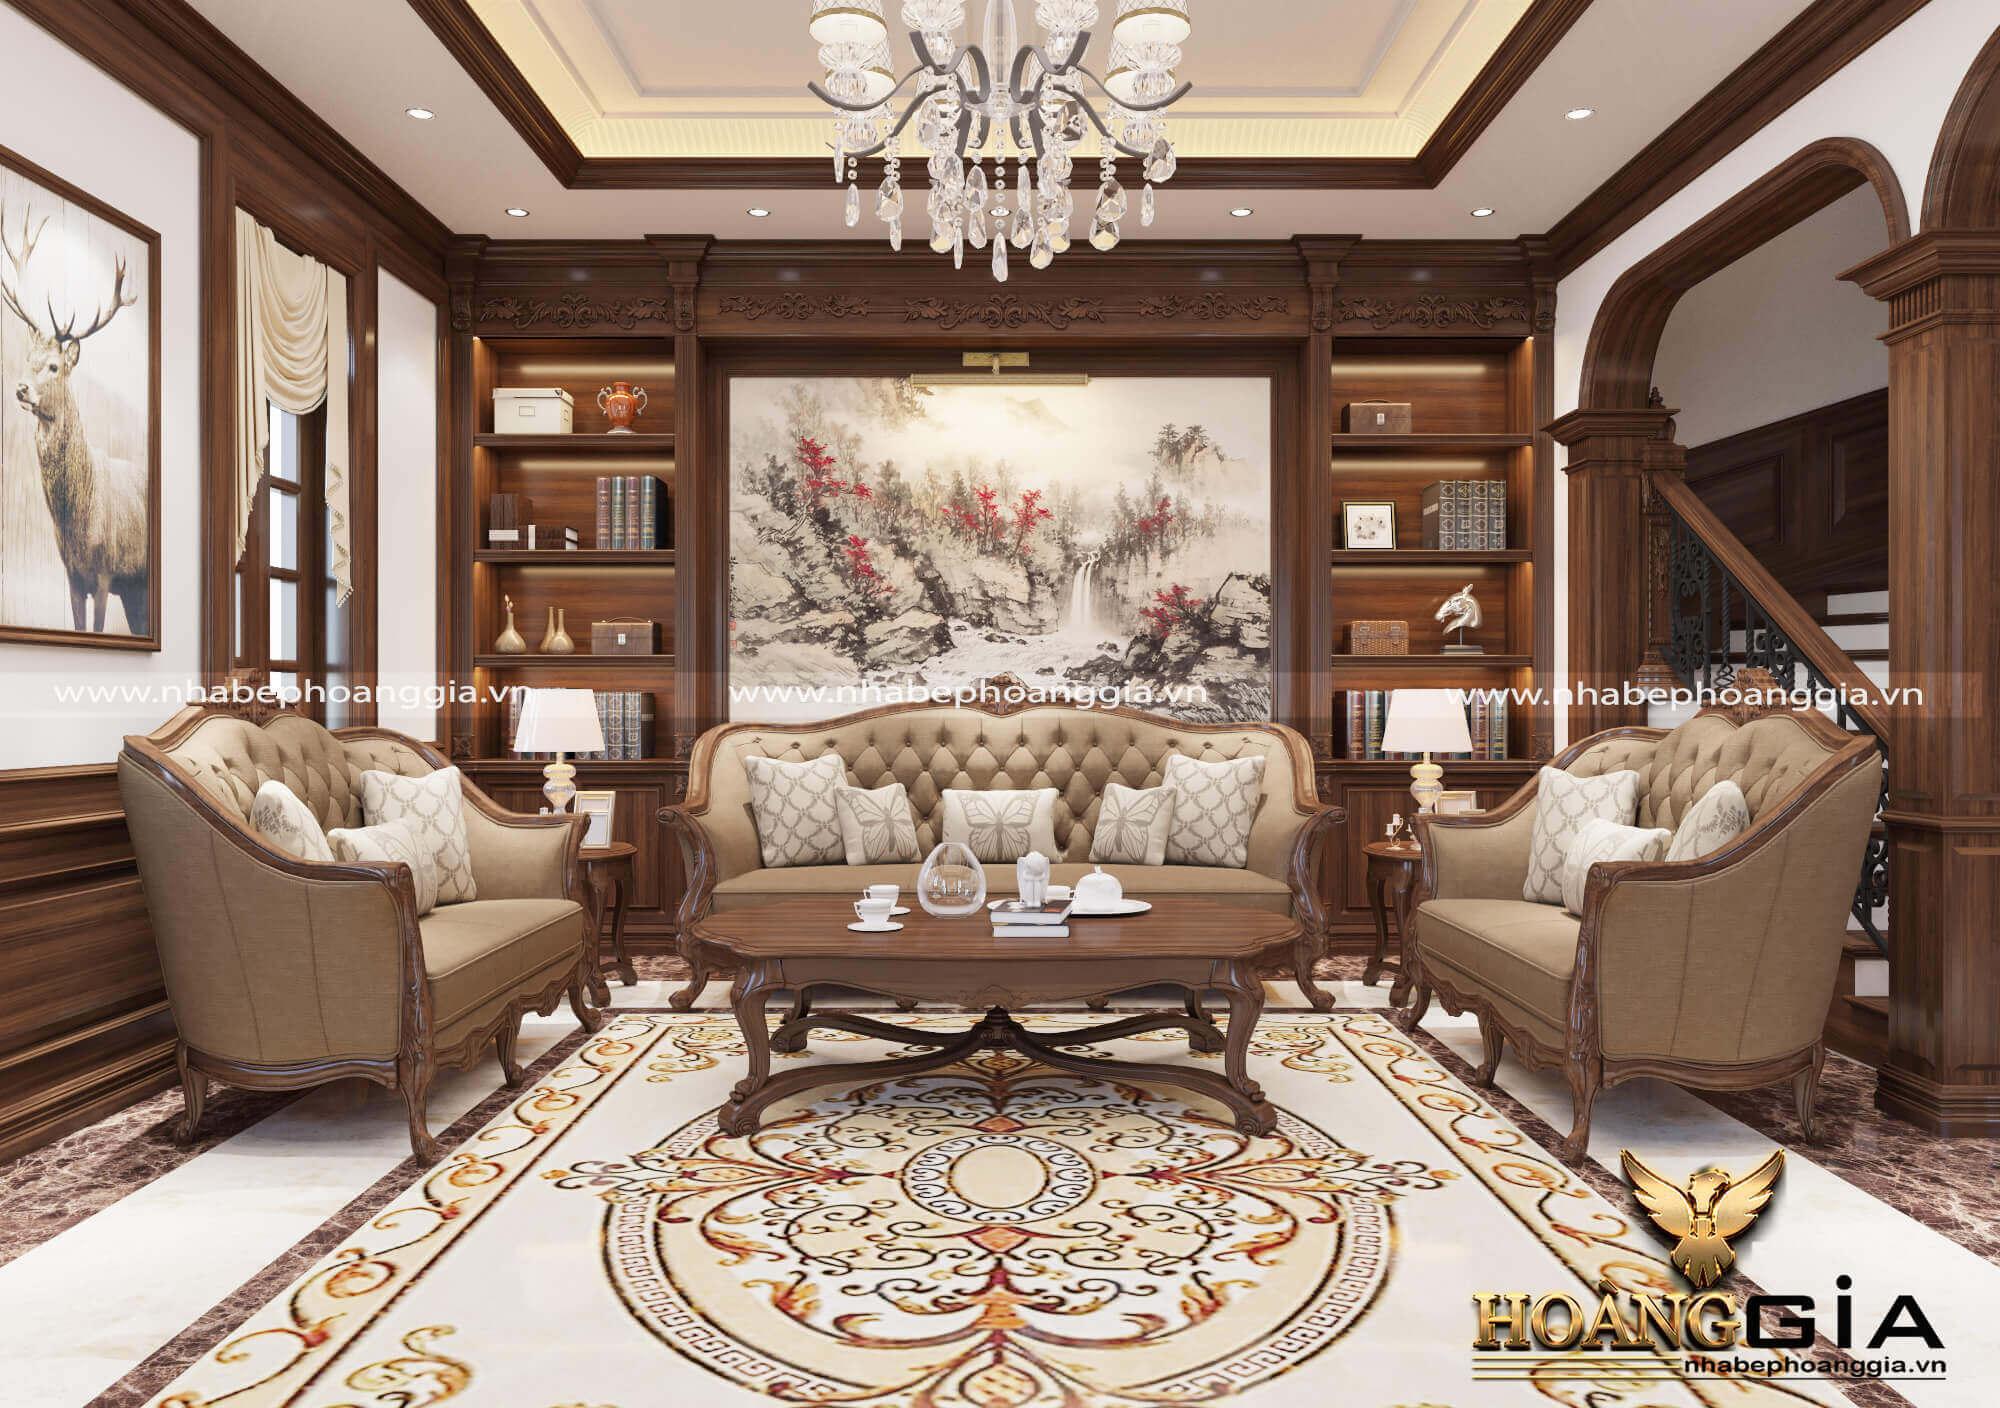 đồ trang trí nội thất tân cổ điển